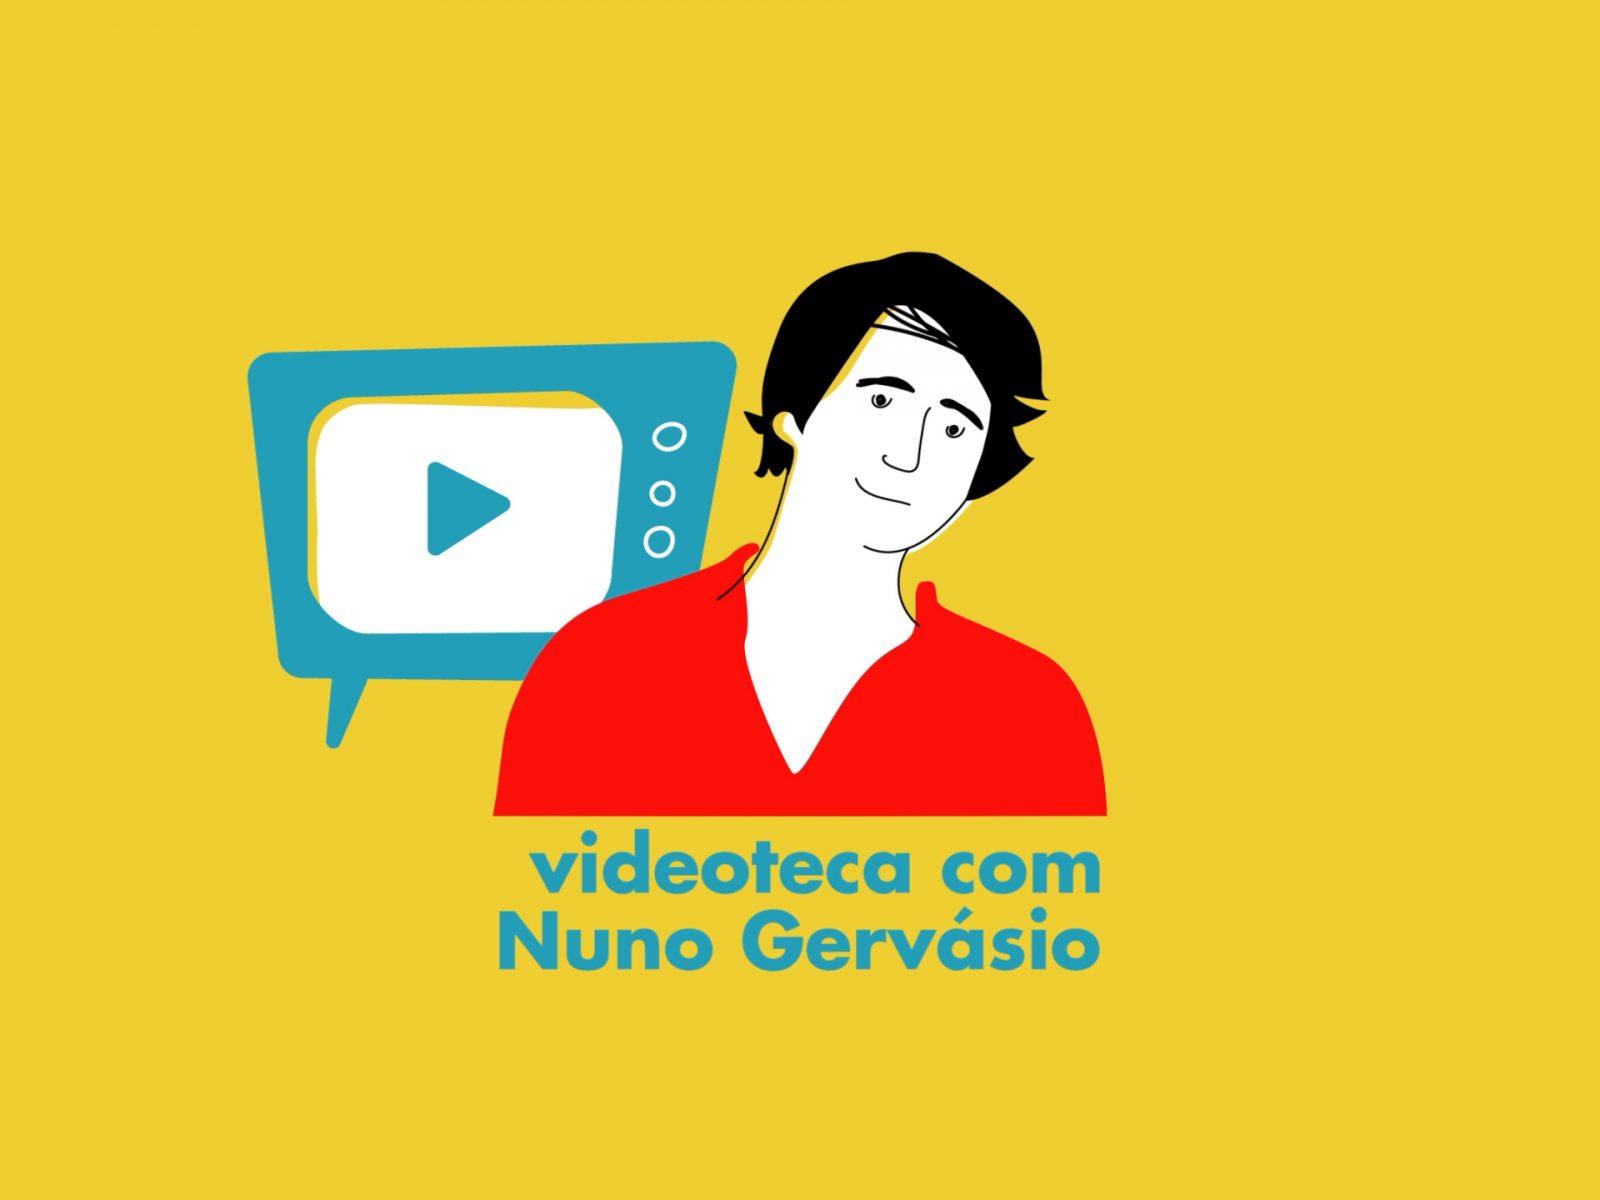 gerador-videoteca-nuno-gervasio-10